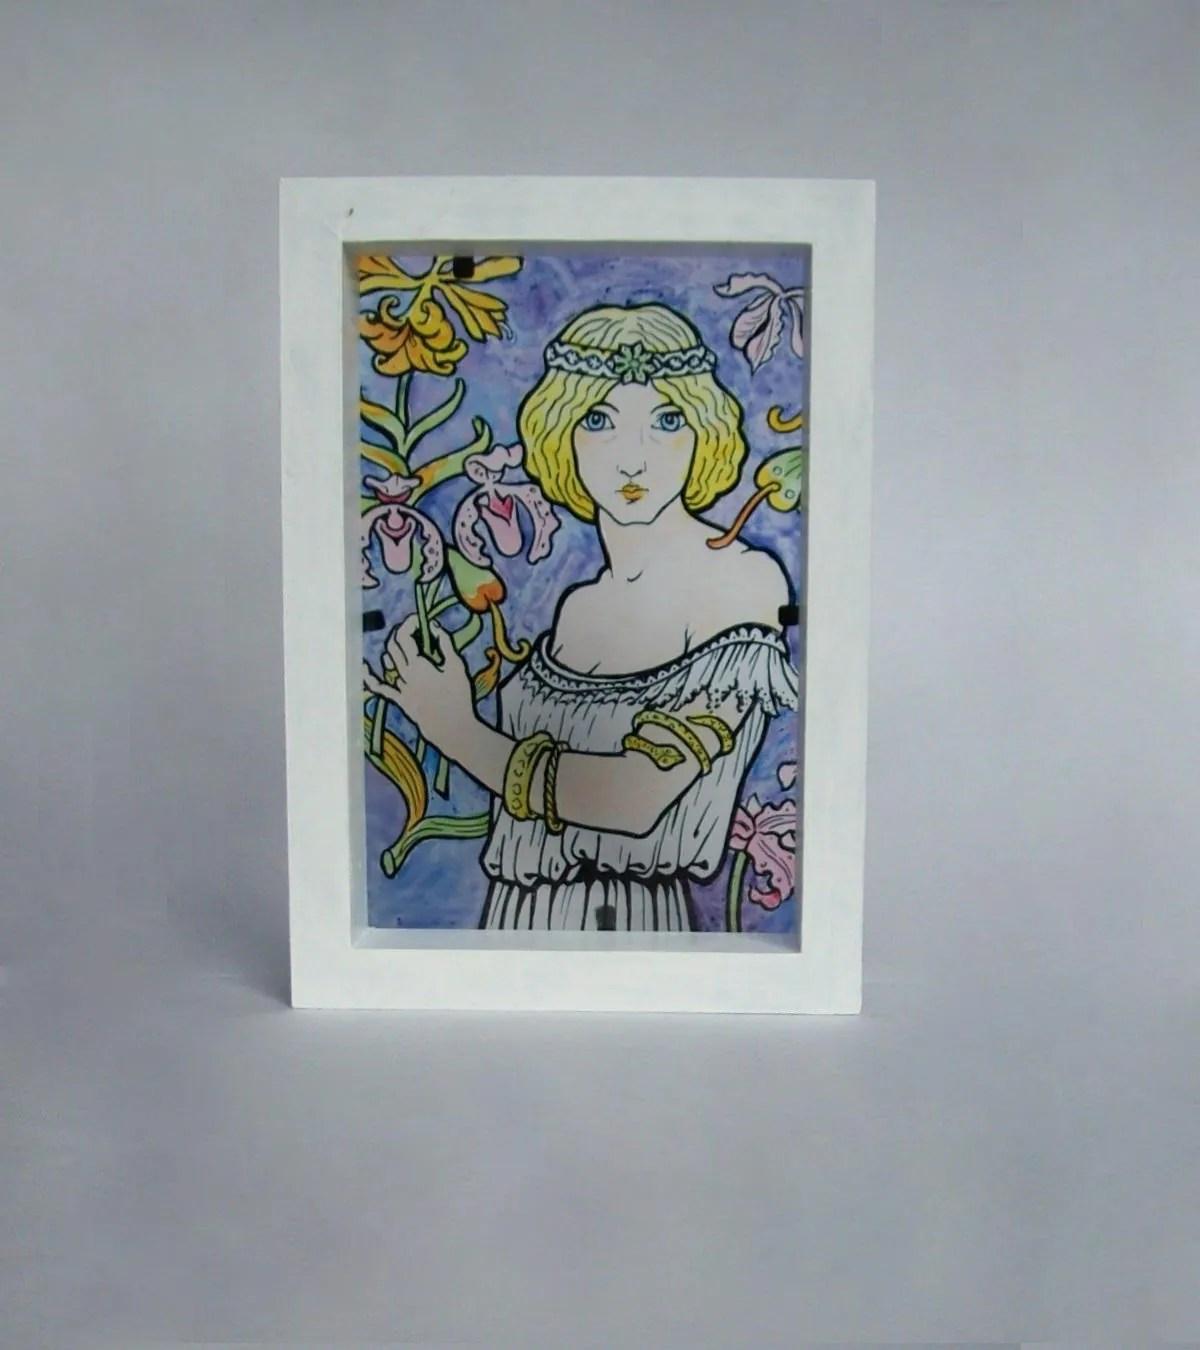 Murando quadro mega xxxl albero klimt 270x135 cm straordinario stampa su tela xxxl per un facile montaggio fai da te grande immagini moderni murale diy. Art Nouveau Stained Glass Light Box Woman Flowers Handpaint Etsy